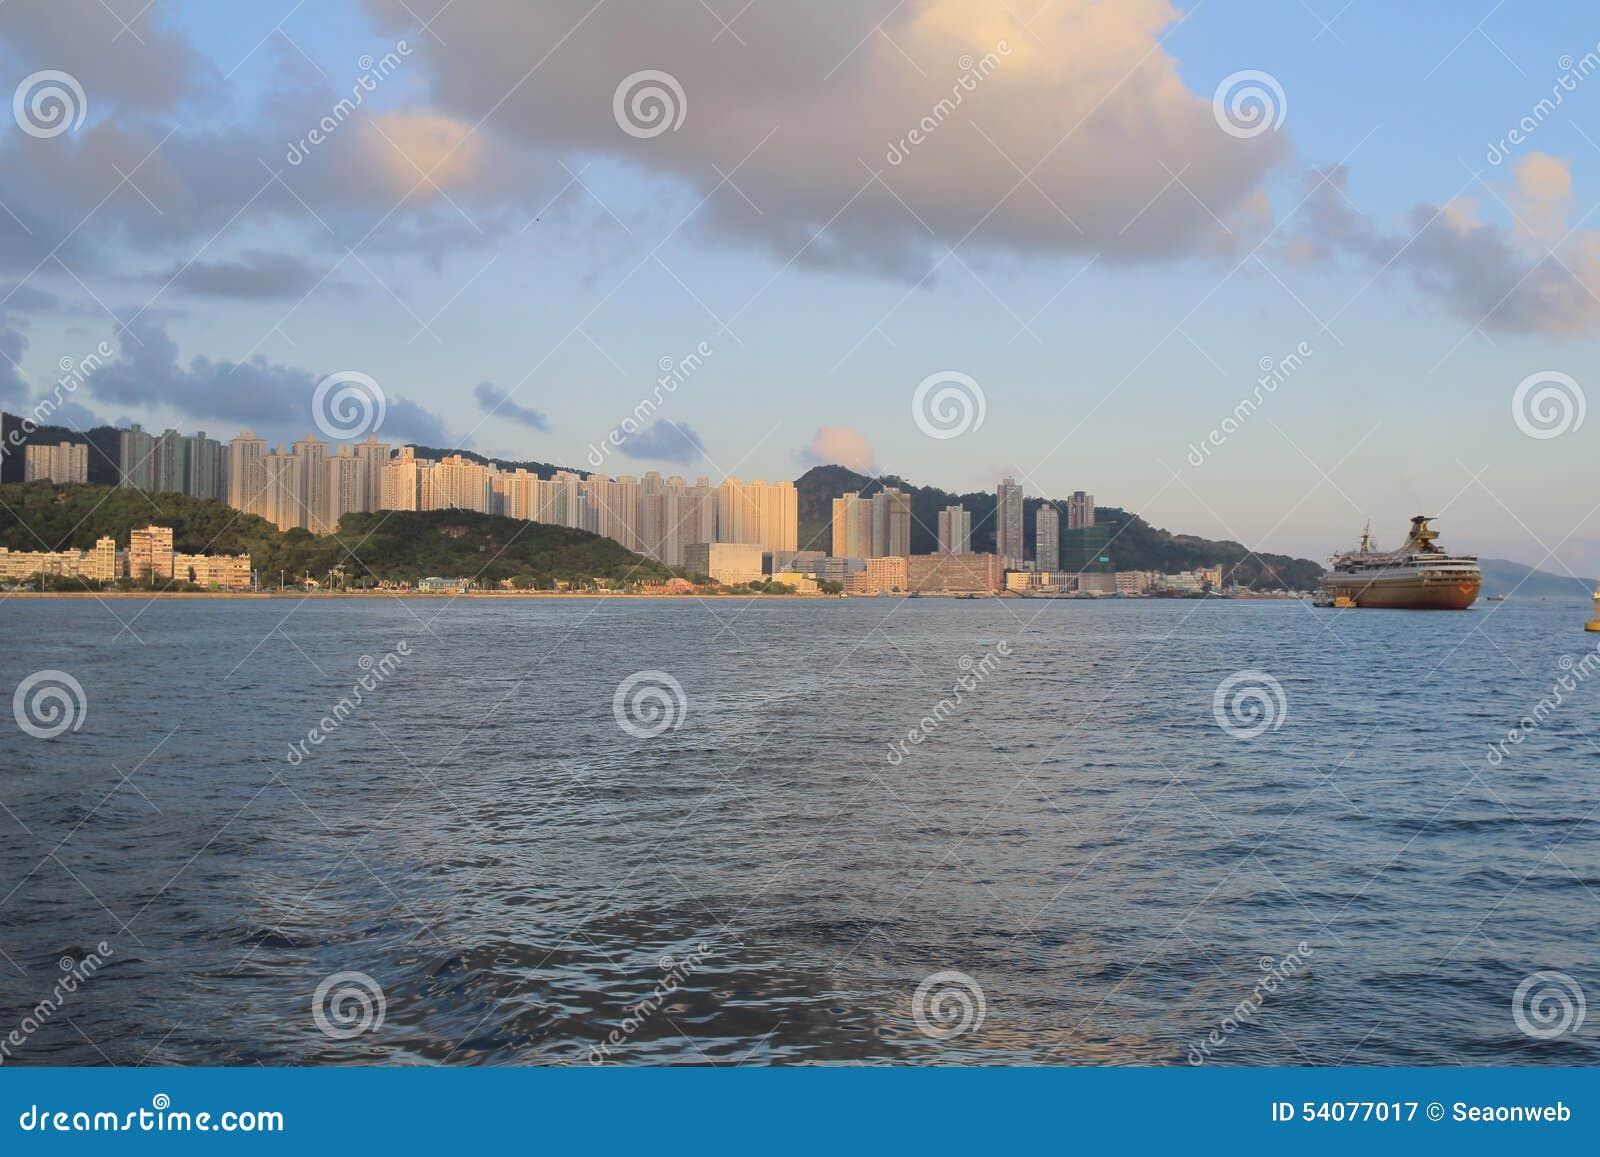 Lamtin, Hongkong